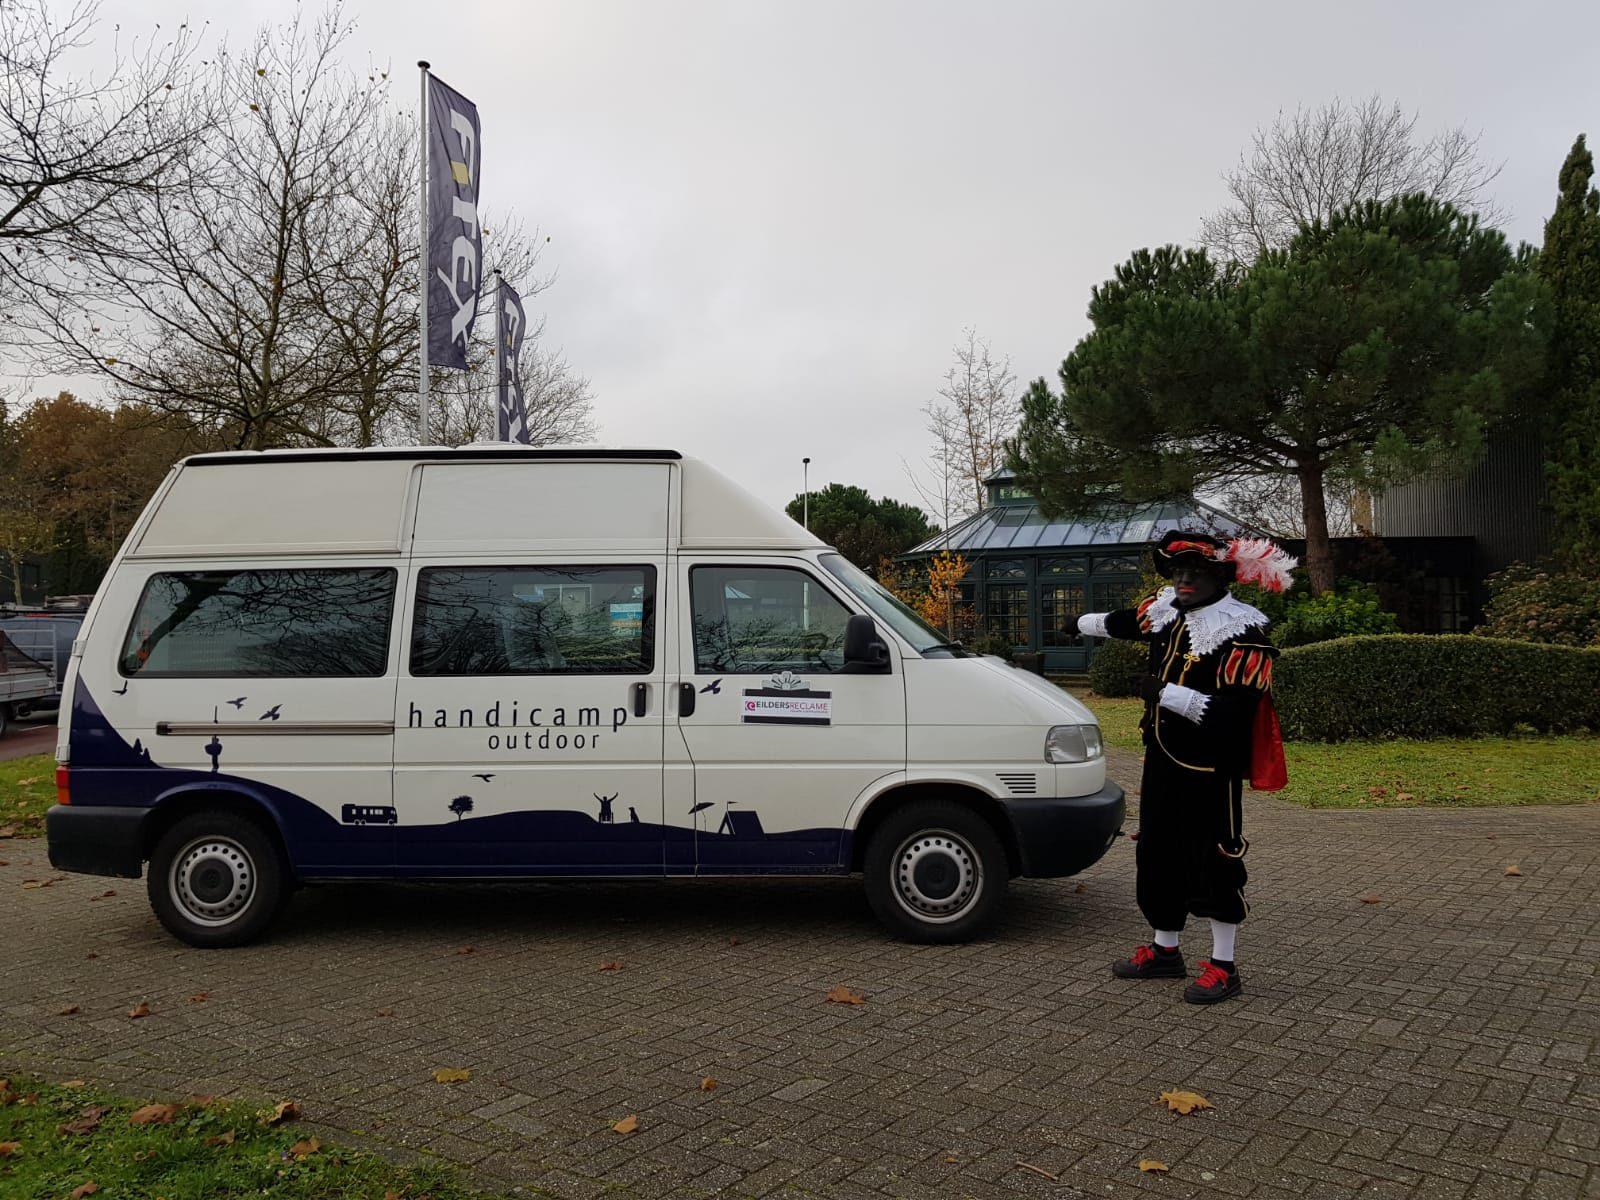 2019 Waar is Piet?